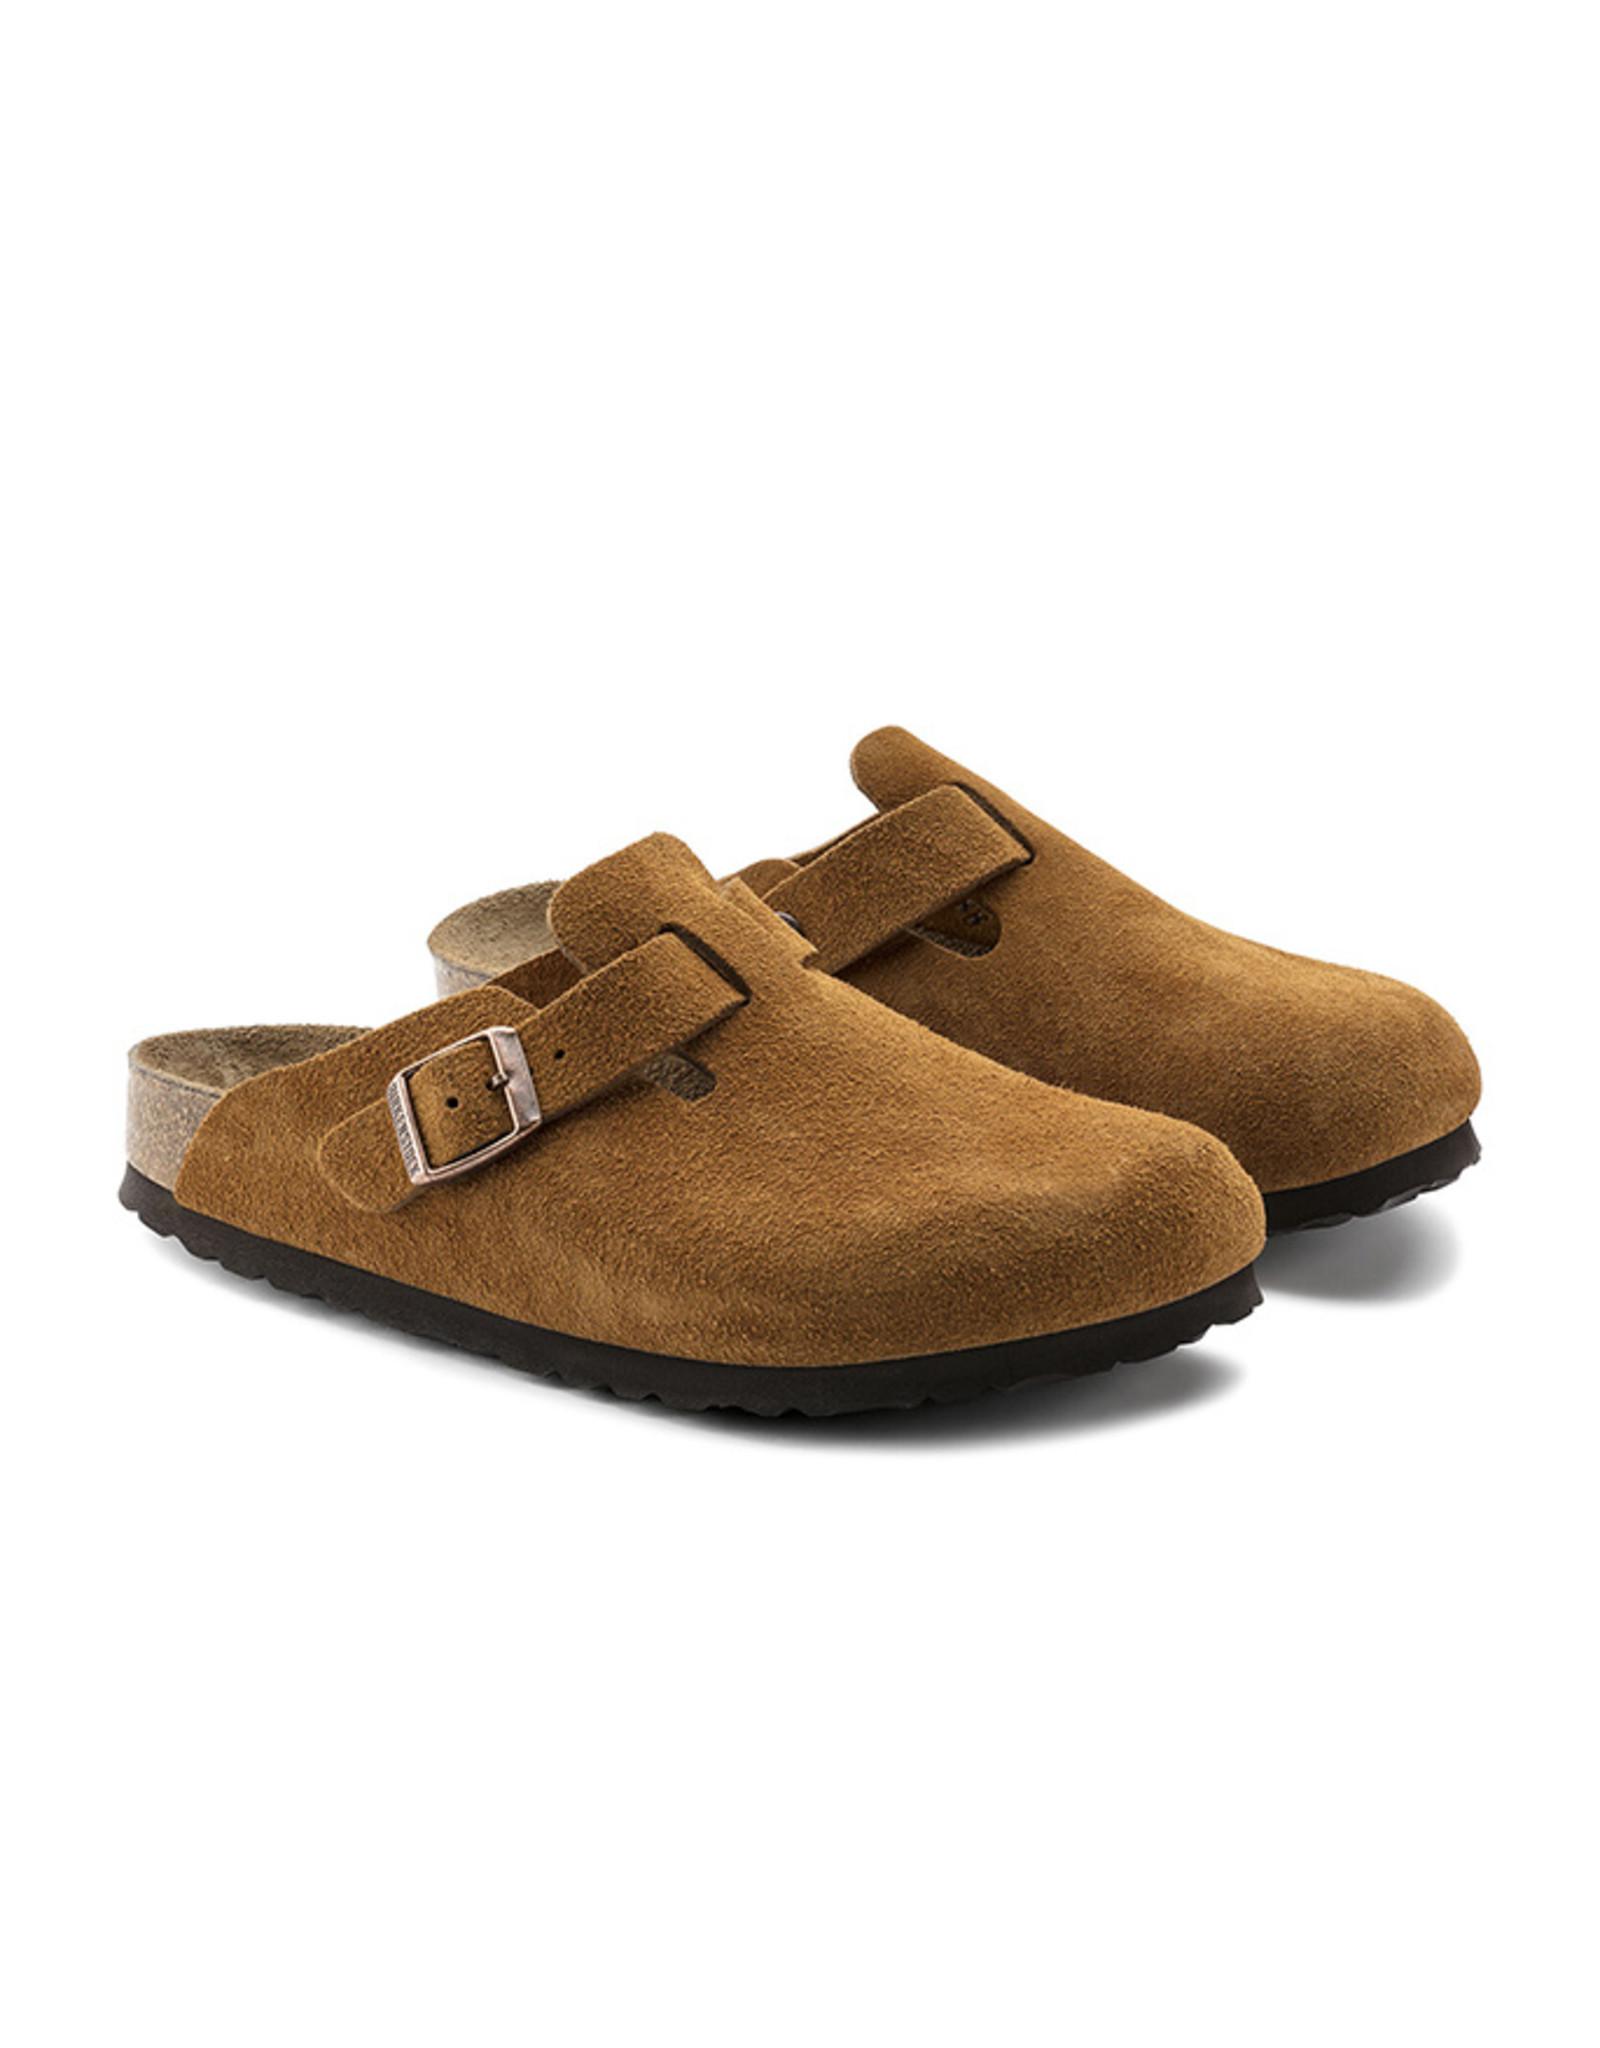 Boston Shoes Mink